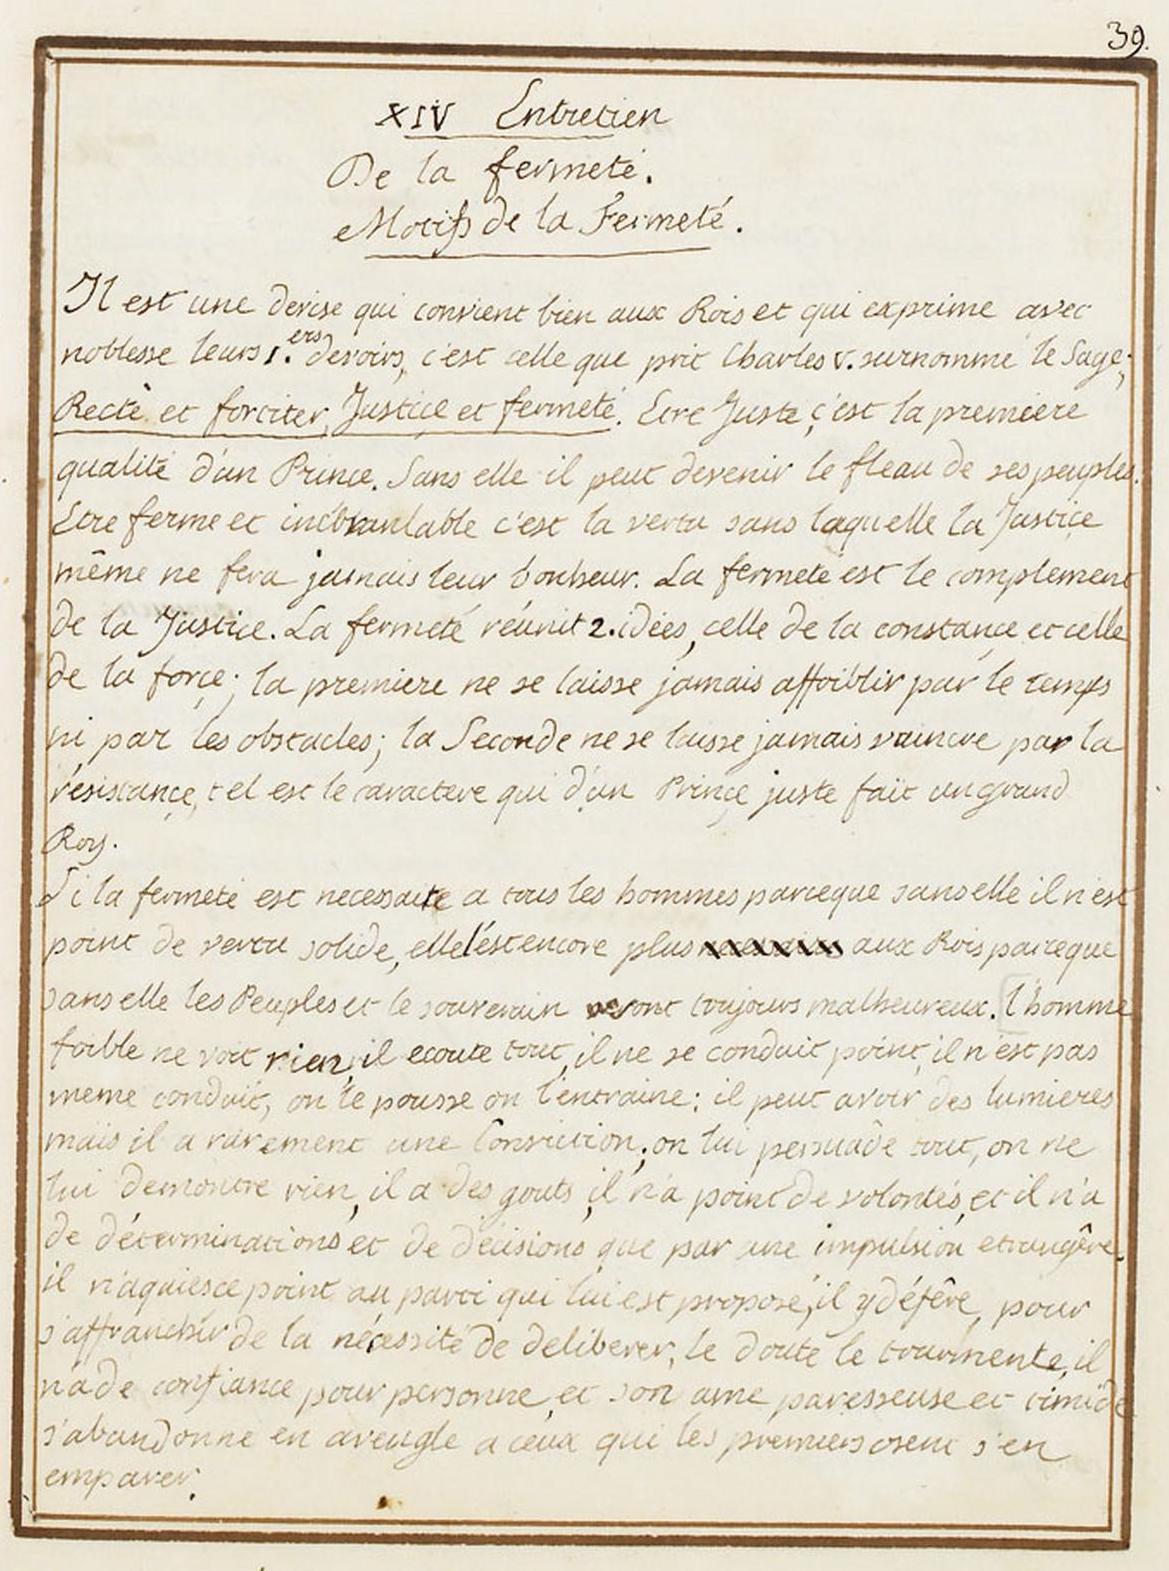 Le Journal du roi Louis XVI et ses Reflexions sur ses entretiens avec Mr le Duc de la Vauguyon Dafanc38